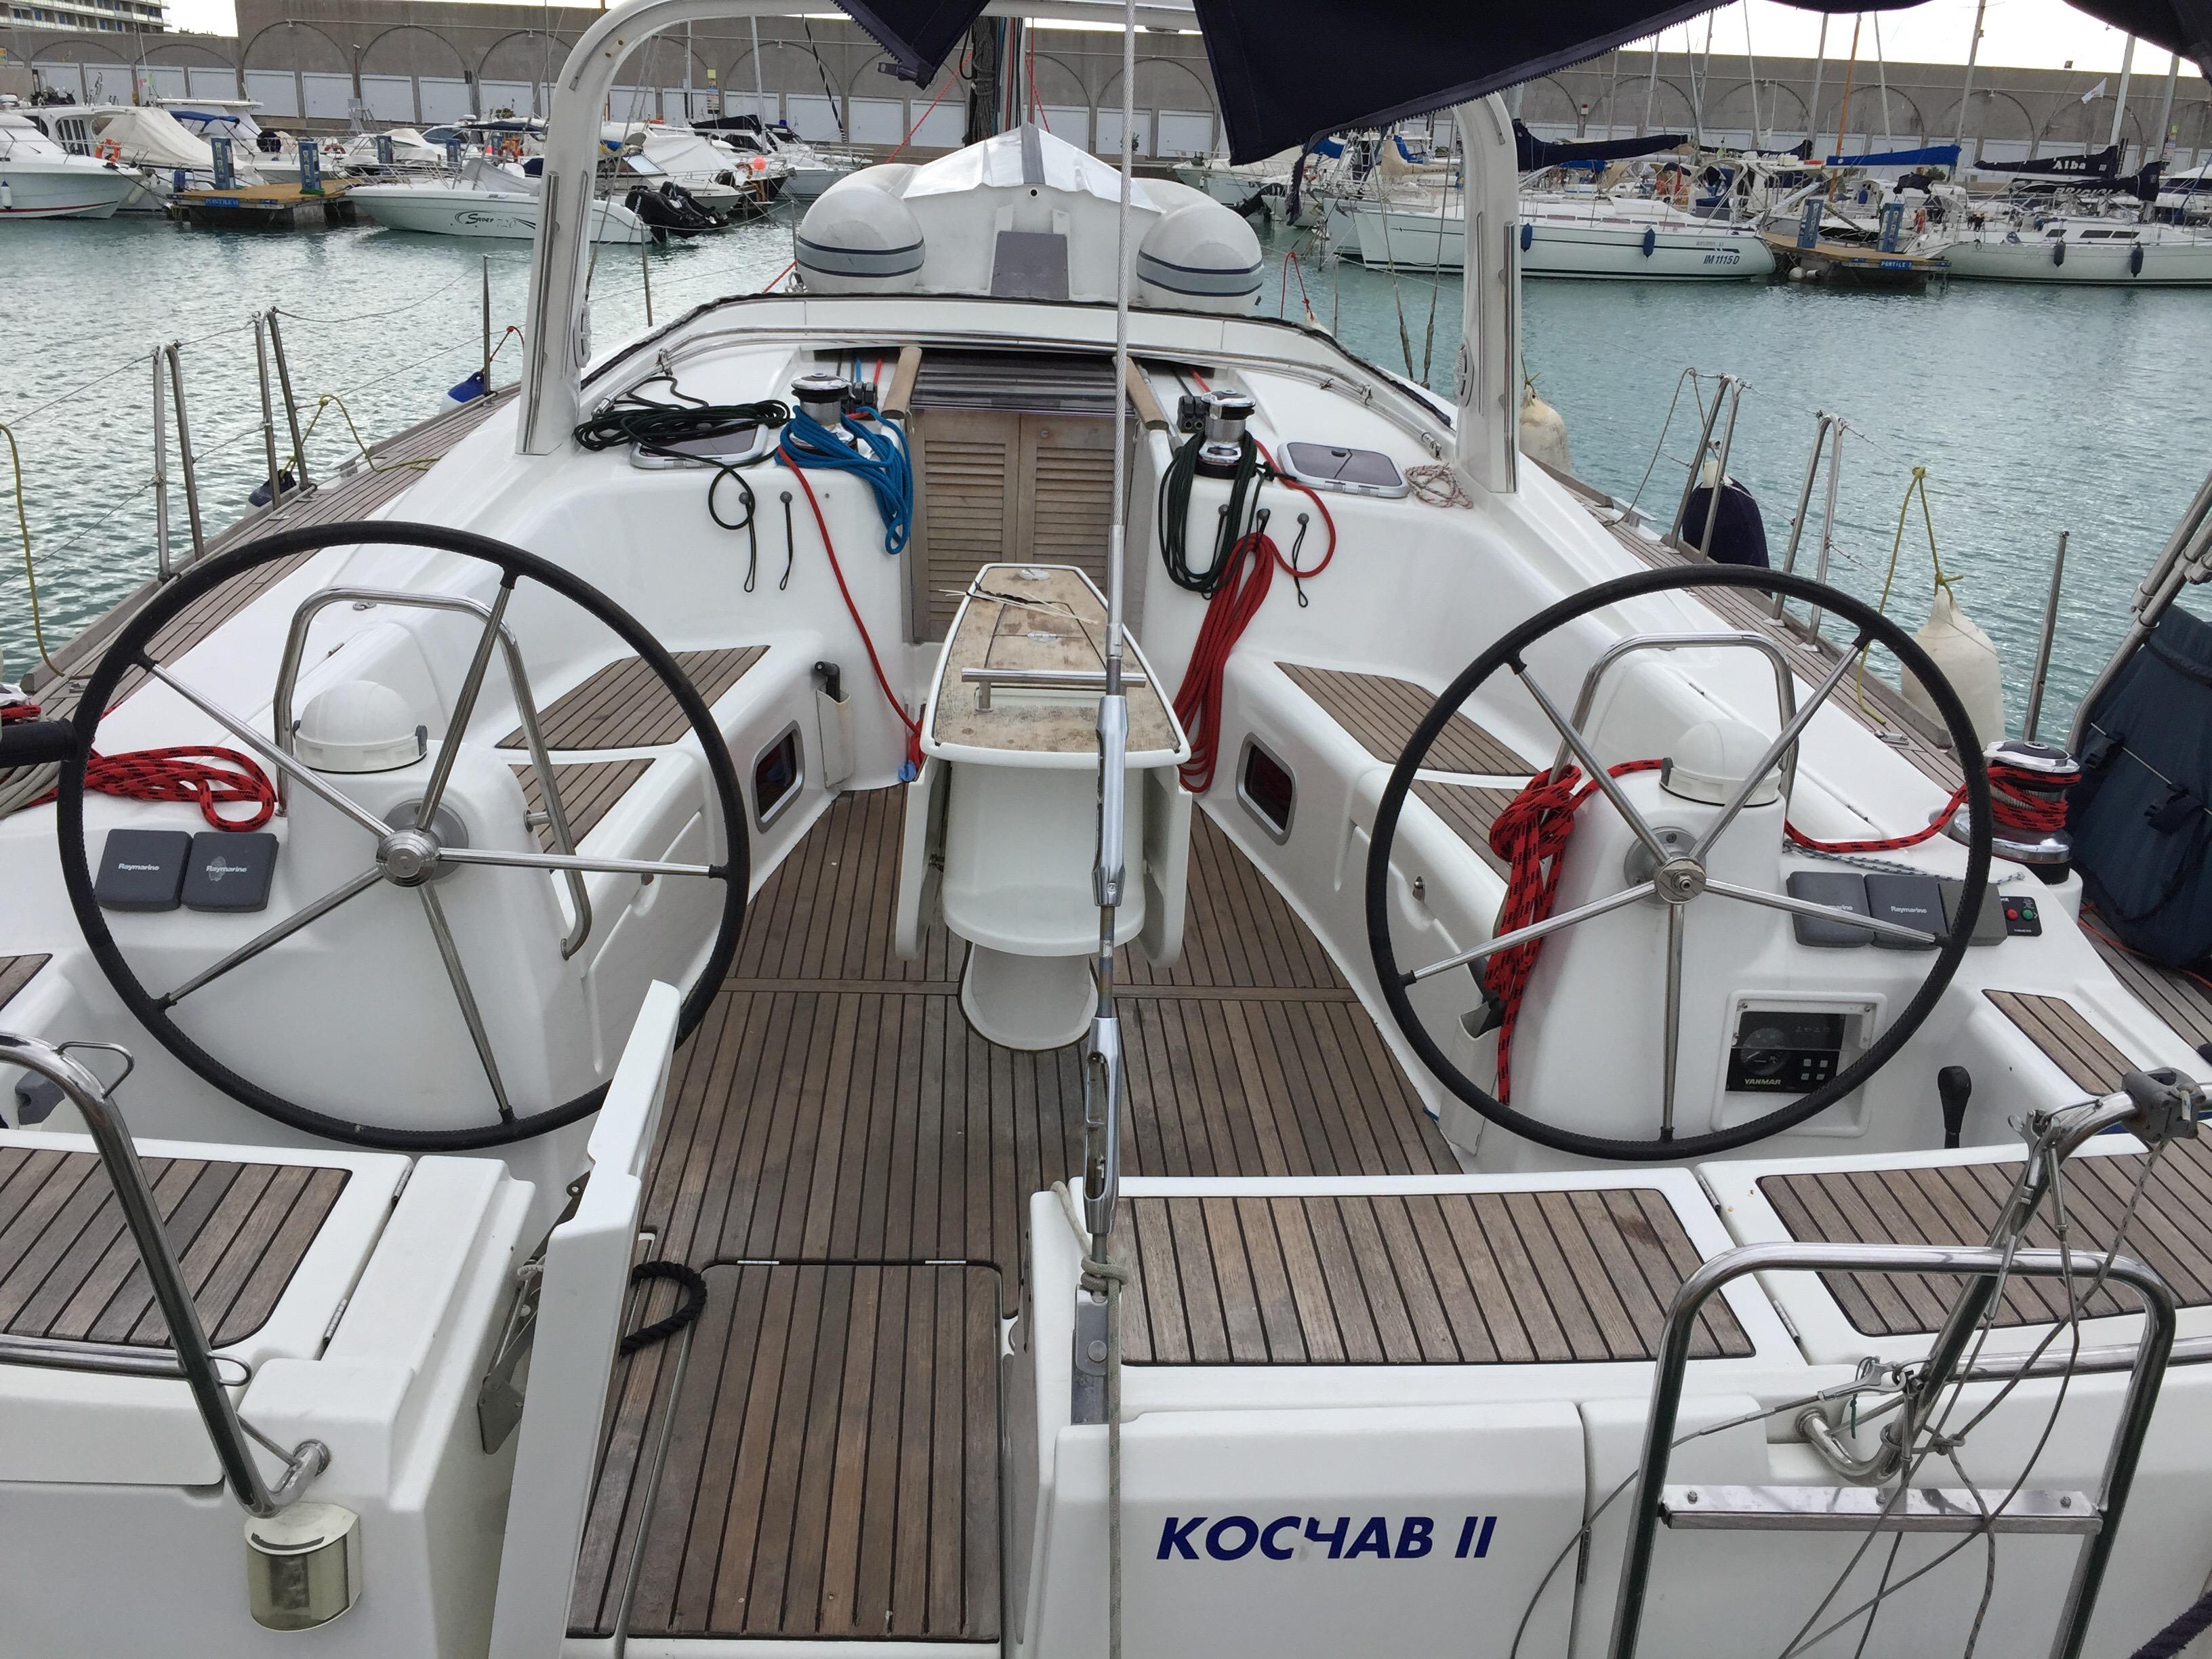 Kochab II